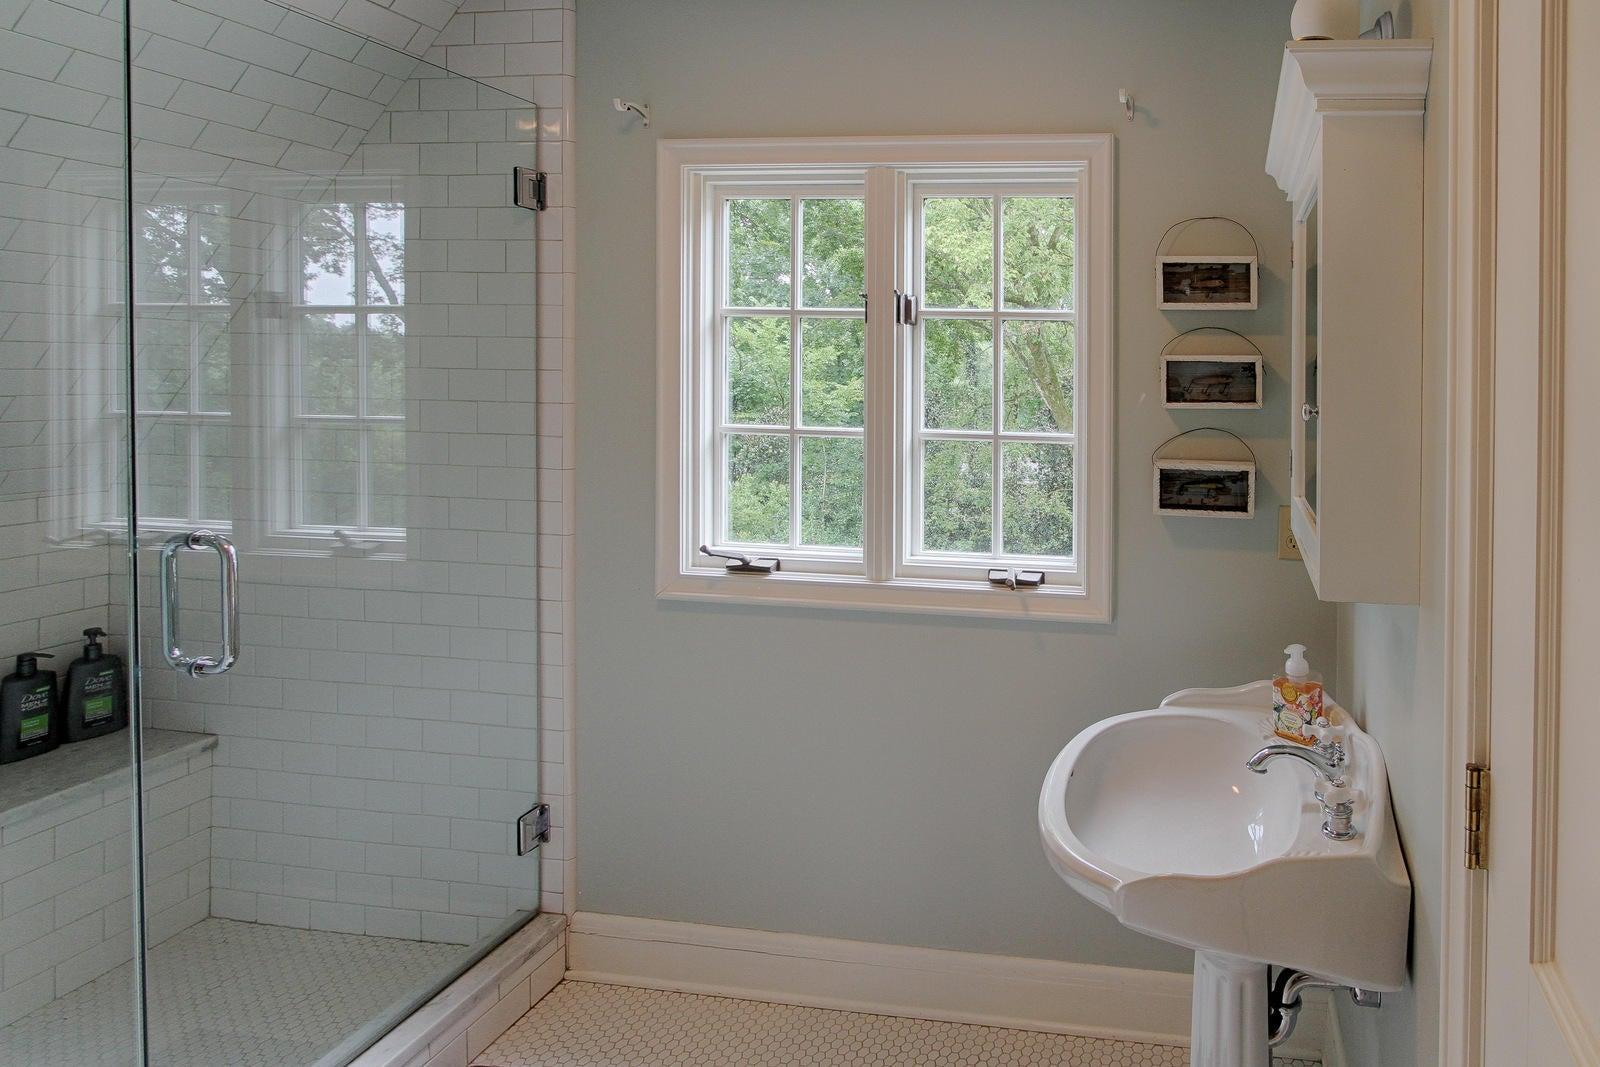 bath for BR 5 suite